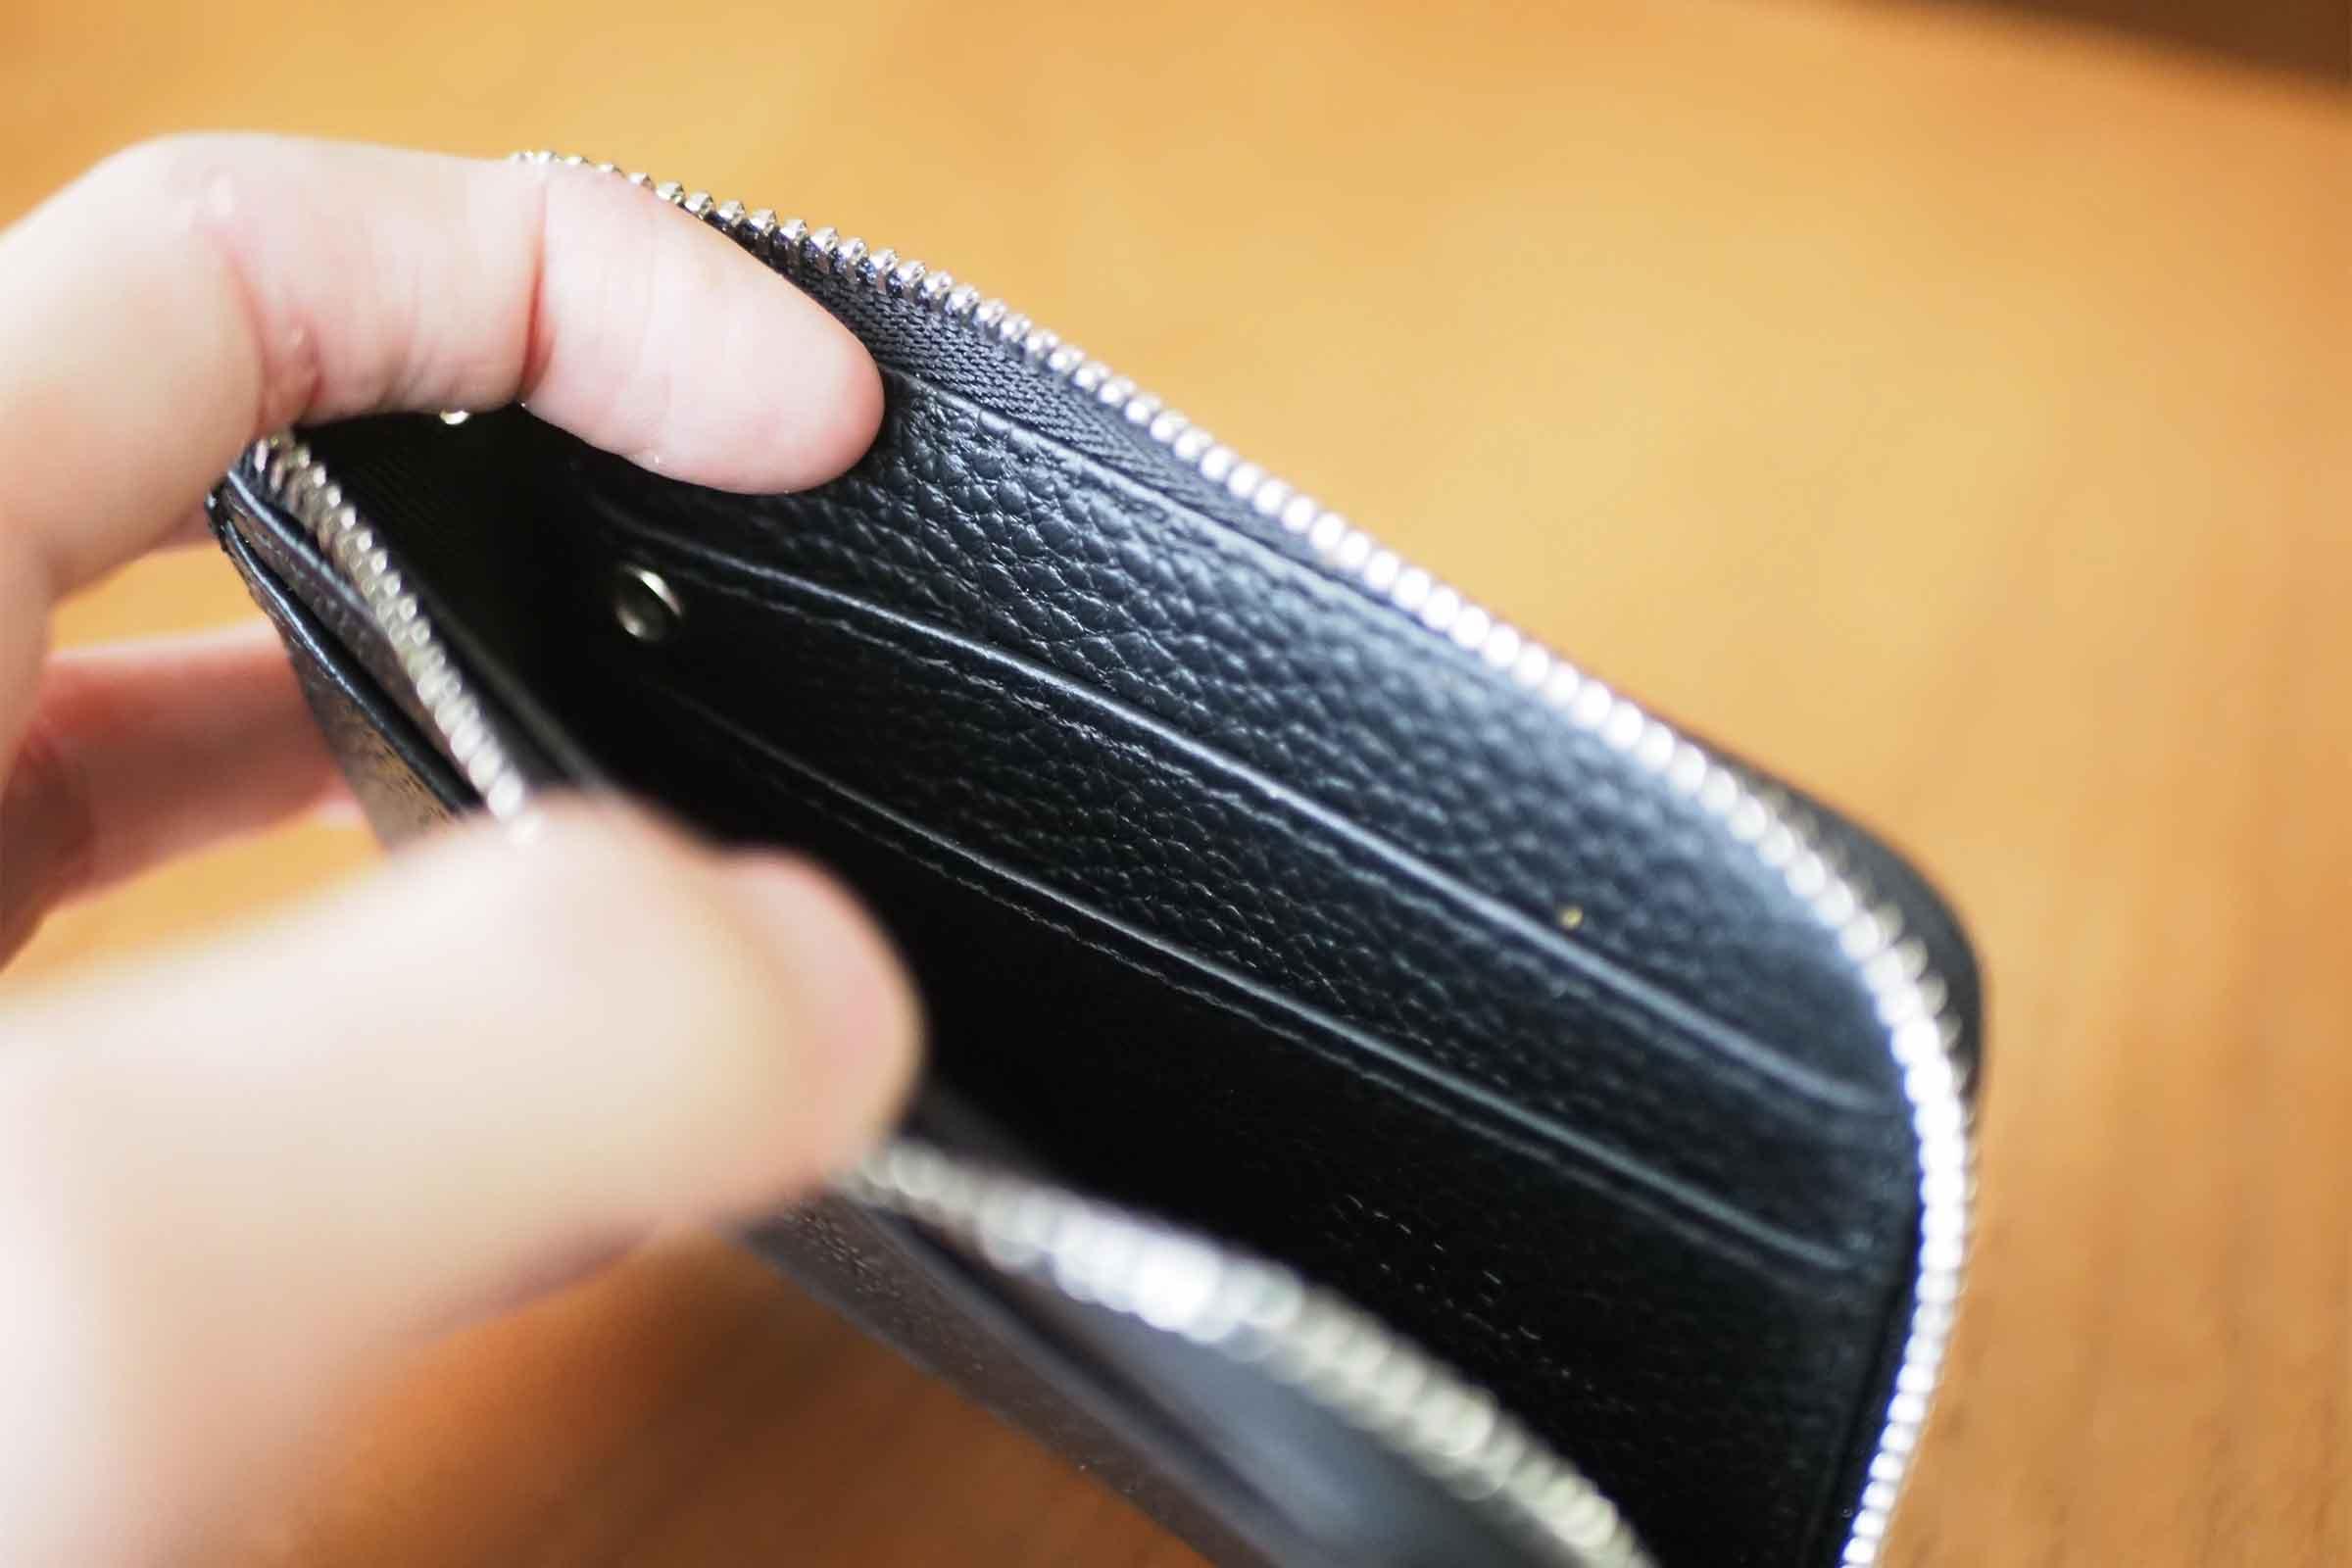 ミニ財布,リスキーモデル,risky,コンパクト,小さい,安い,コスパ,収納